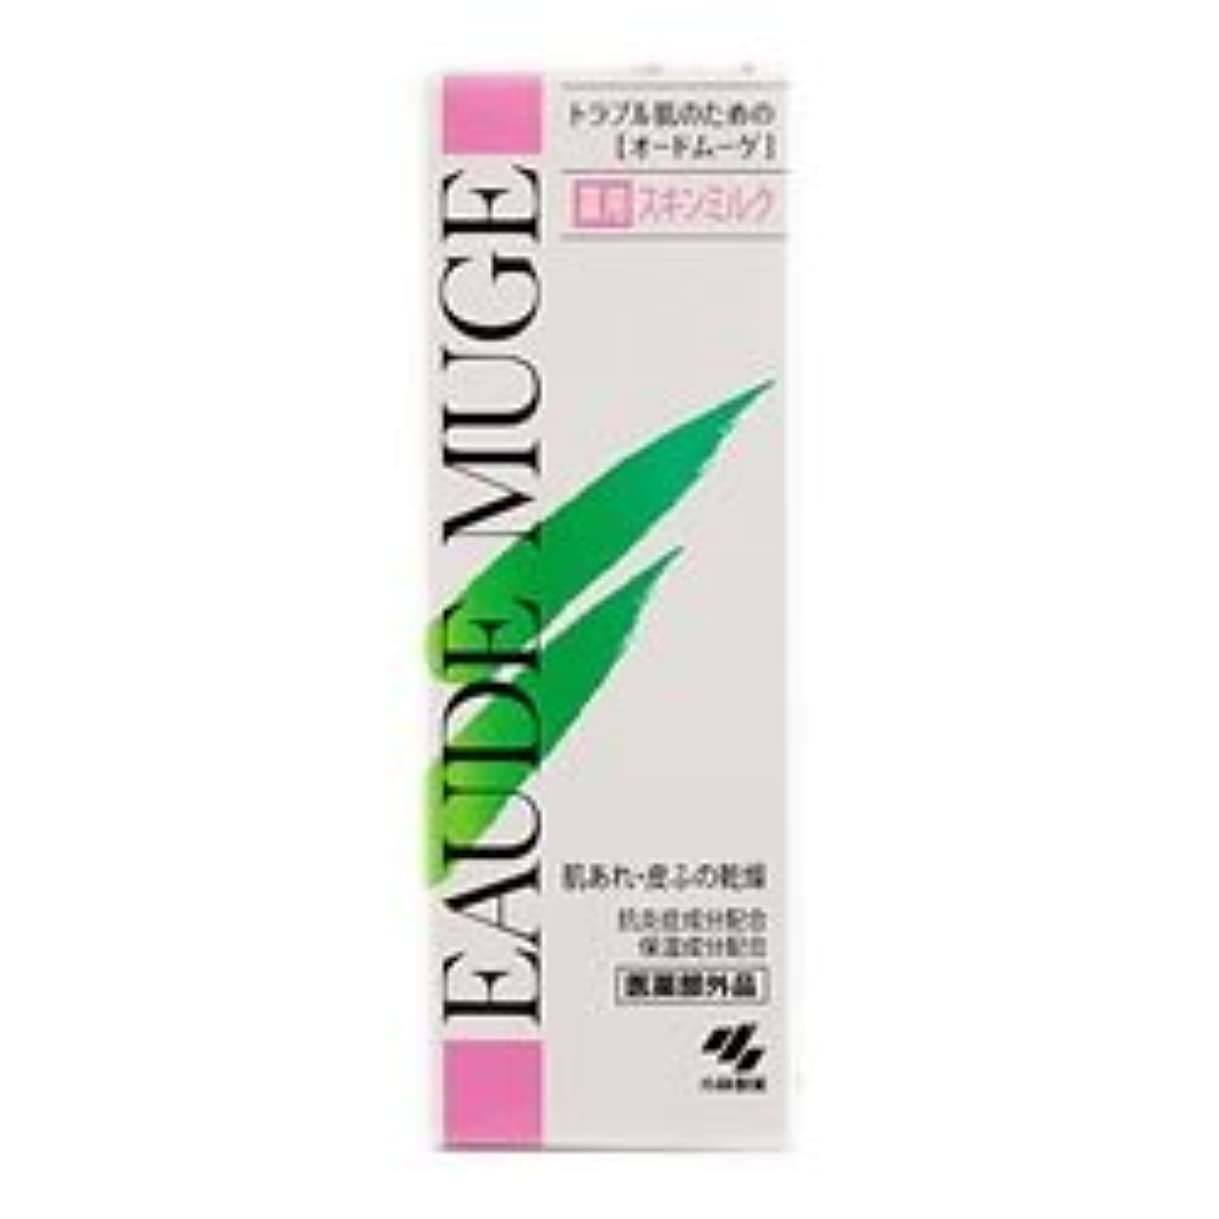 集計鋭くバター【小林製薬】オードムーゲ薬用スキンミルク 100g ×3個セット